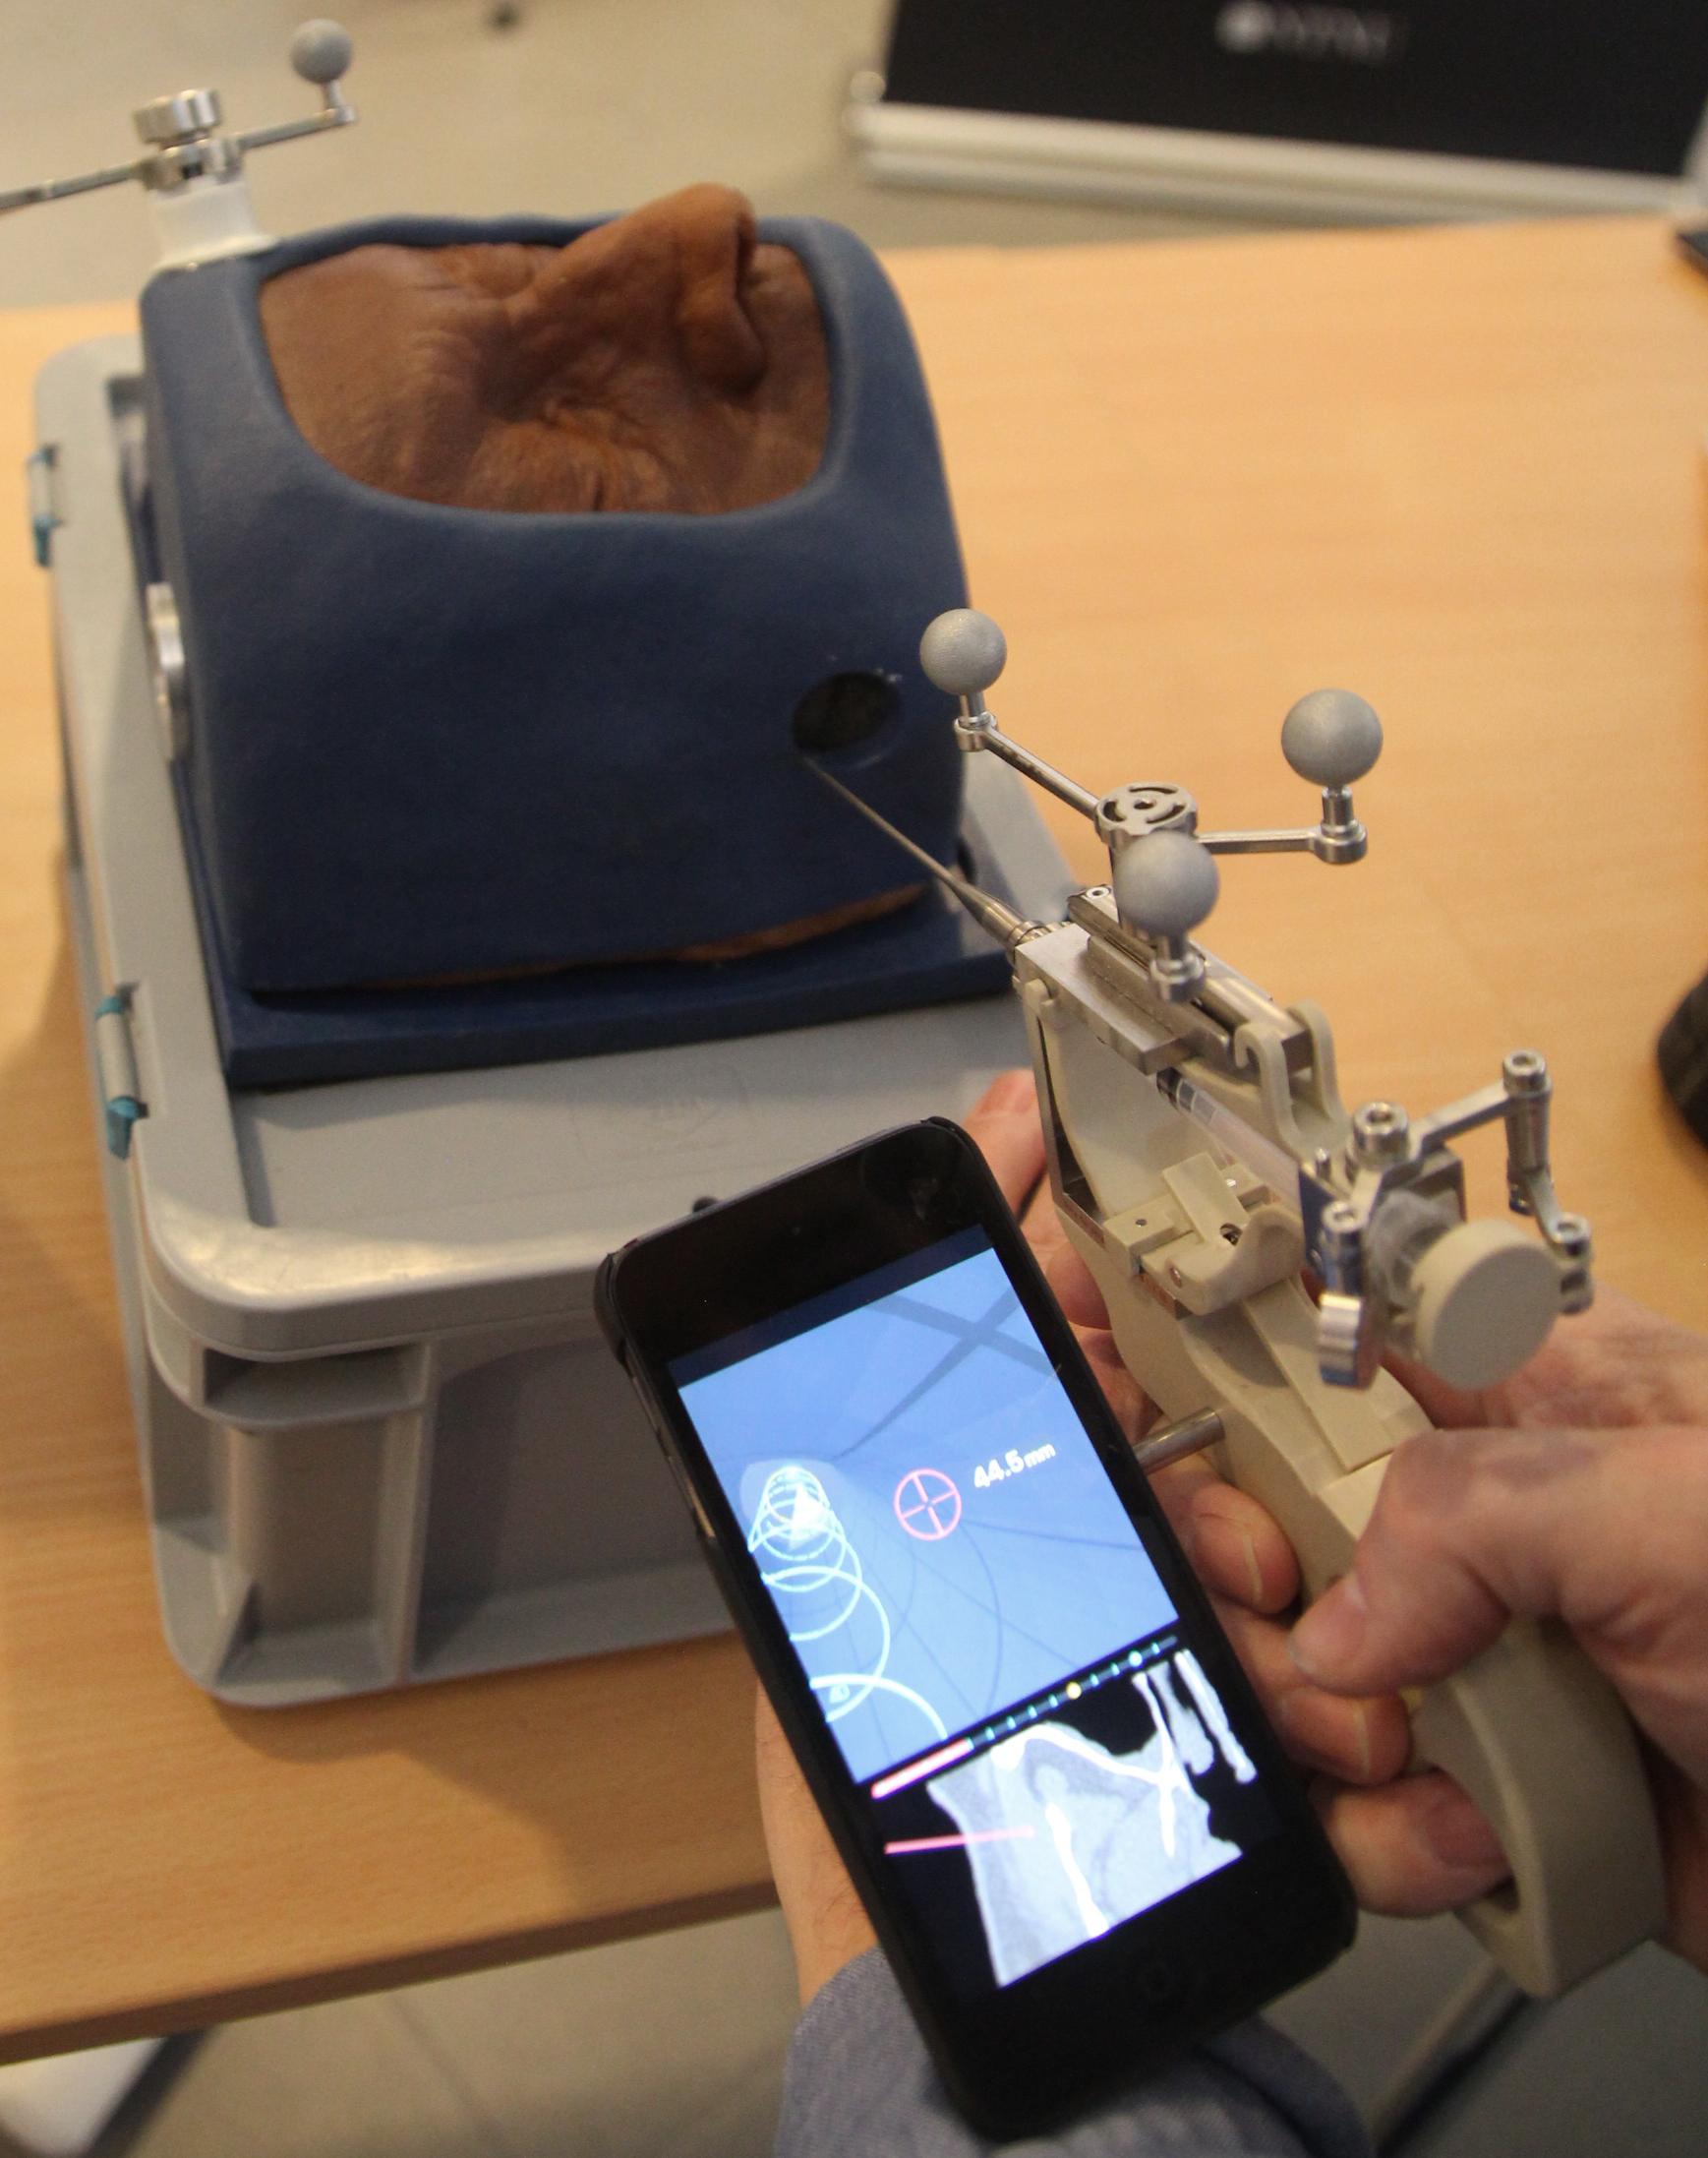 Dobbel innovasjon. Både pistolen og skjermen som er festet til MultiGuide er egenutviklede forskningsbaserte nyskapinger som NTNU TTO nå skal bistå i kommersialiseringen av. Foto: Kenneth Stoltz